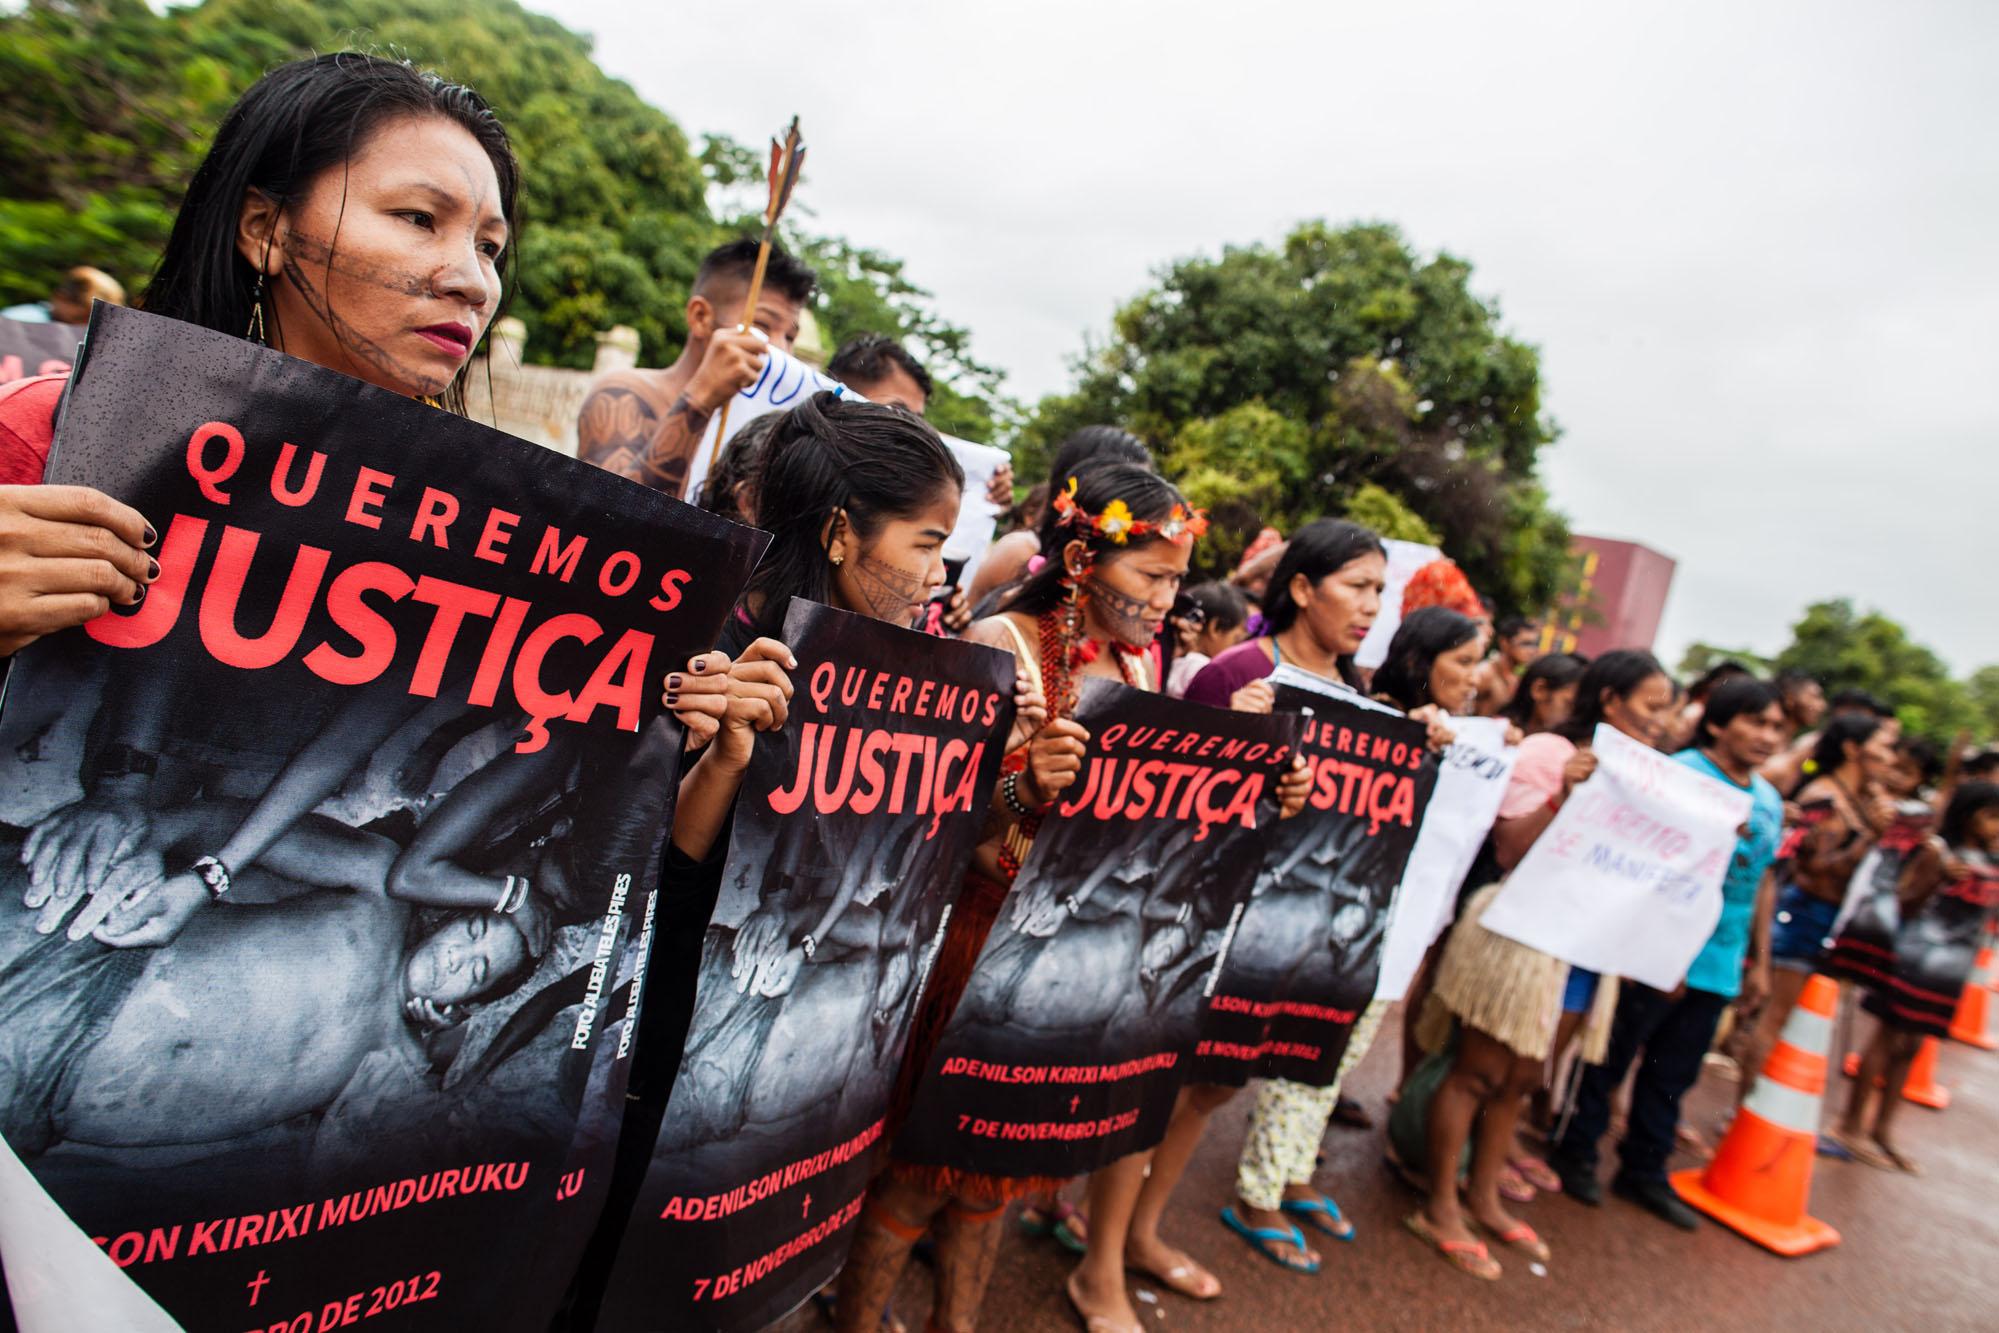 Em audiência sobre a morte de Adenilson Munduruku, delegado da PF nega autoria do crime; indígenas clamam por Justiça